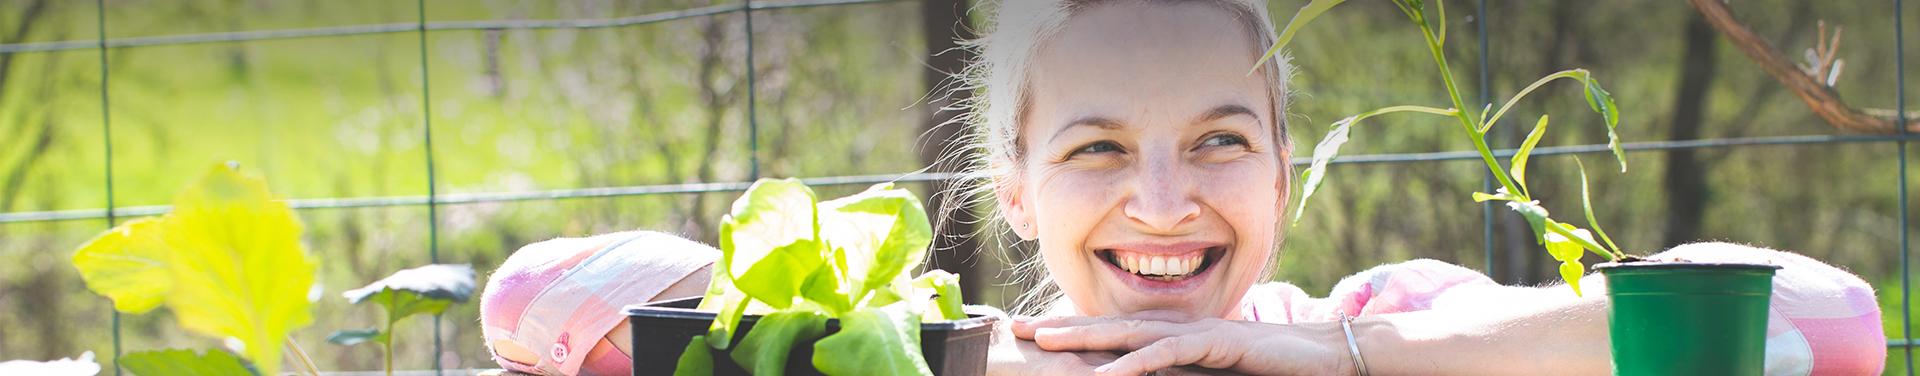 Gartentipps-günstig